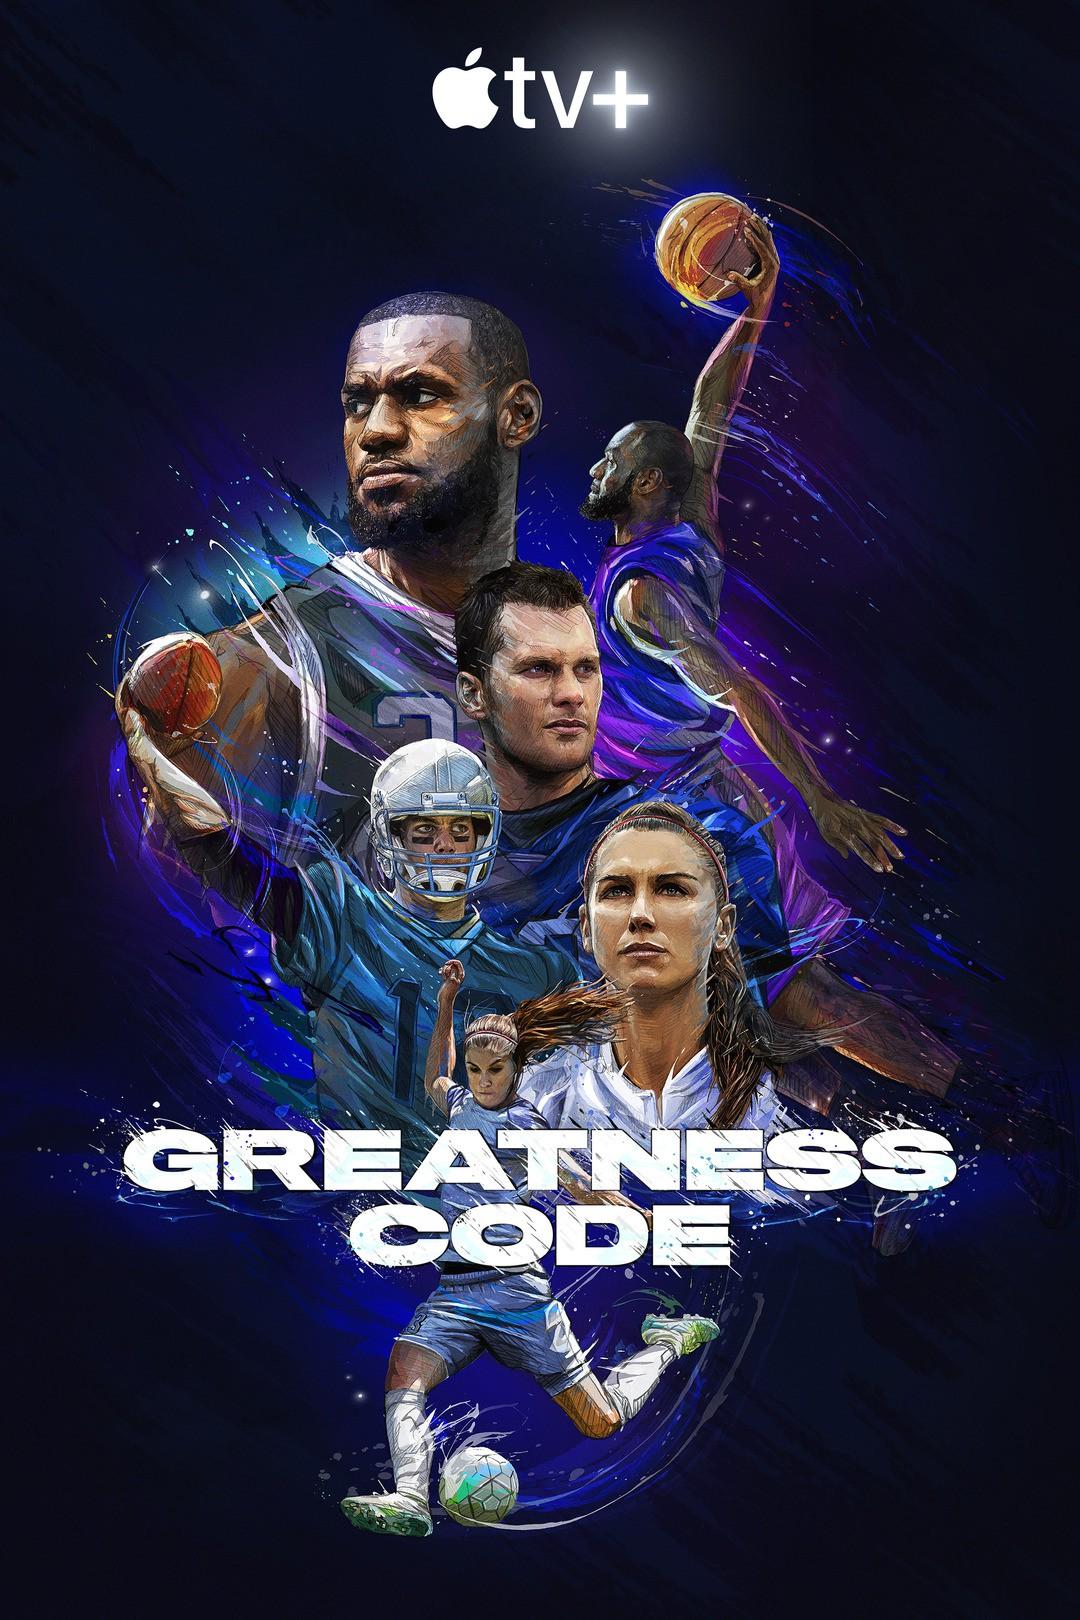 Greatness Code - Bild 2 von 2